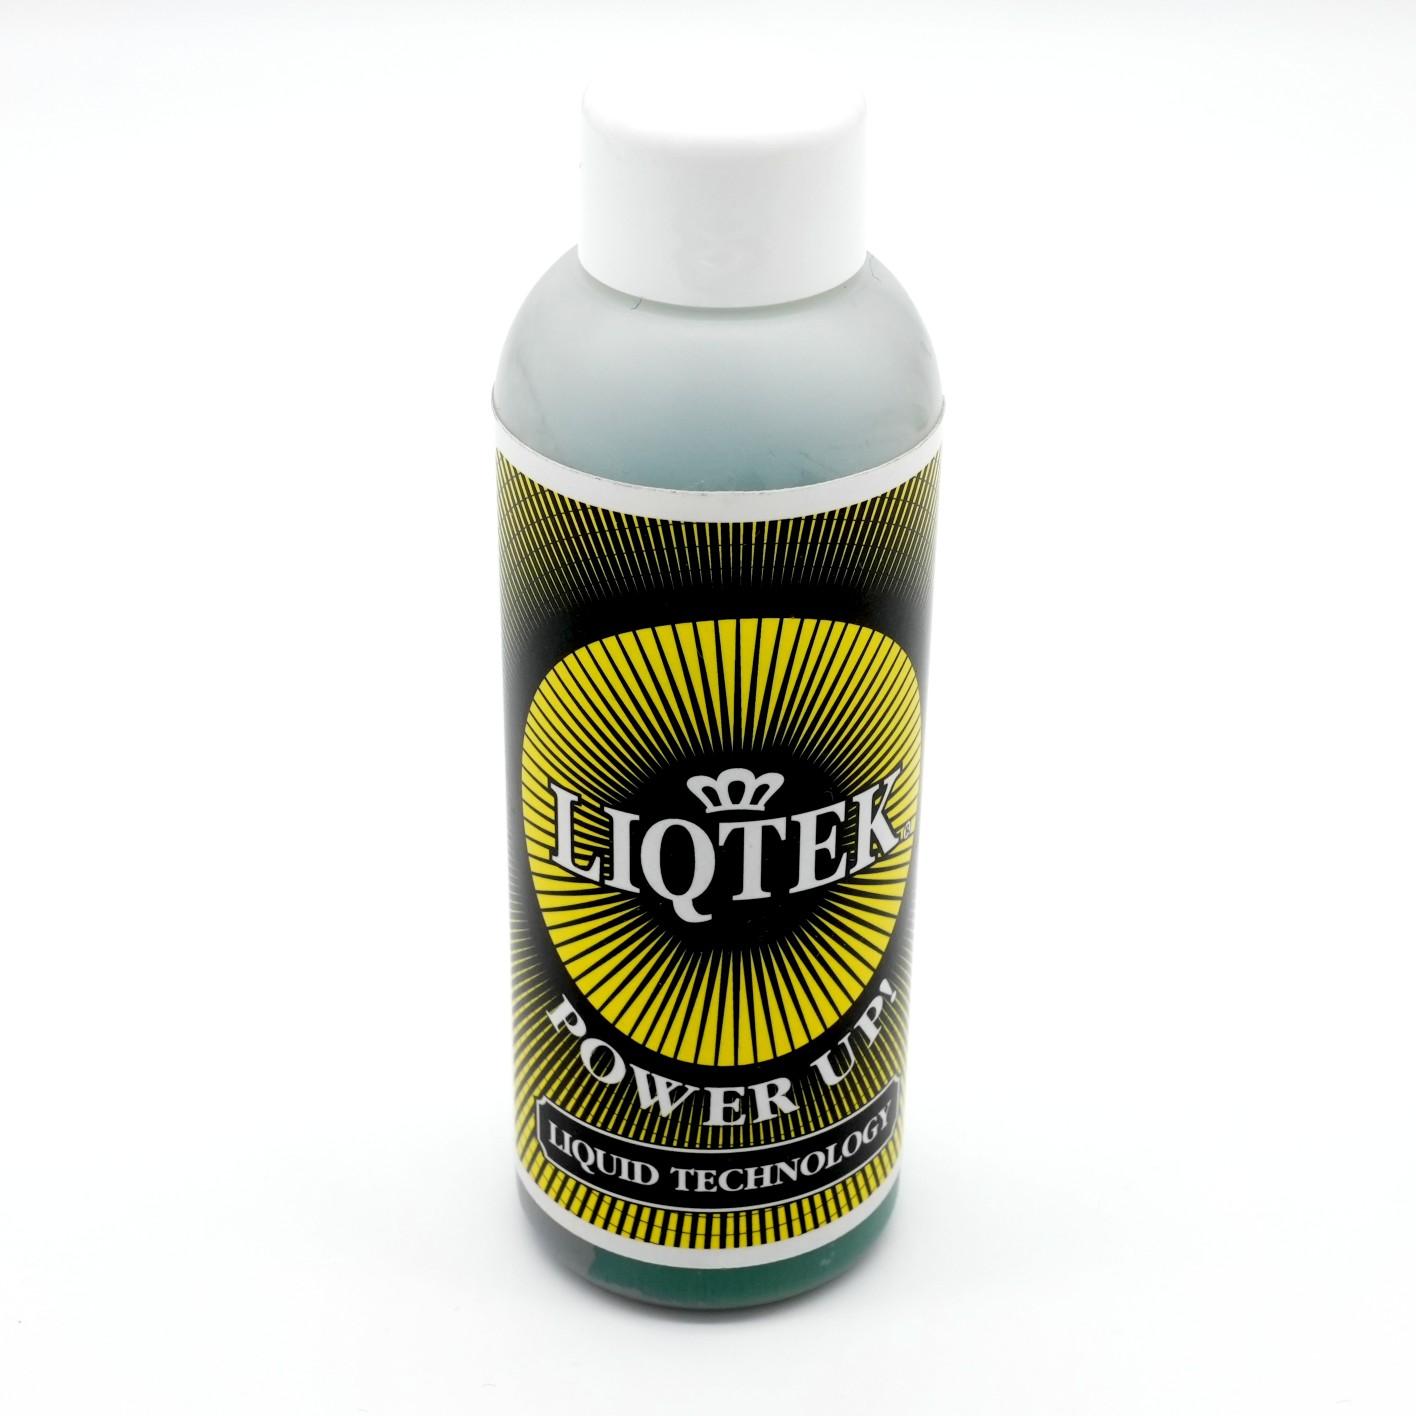 ローバーミニの内燃機関燃焼向上液「LIQTEK(リキテック)」